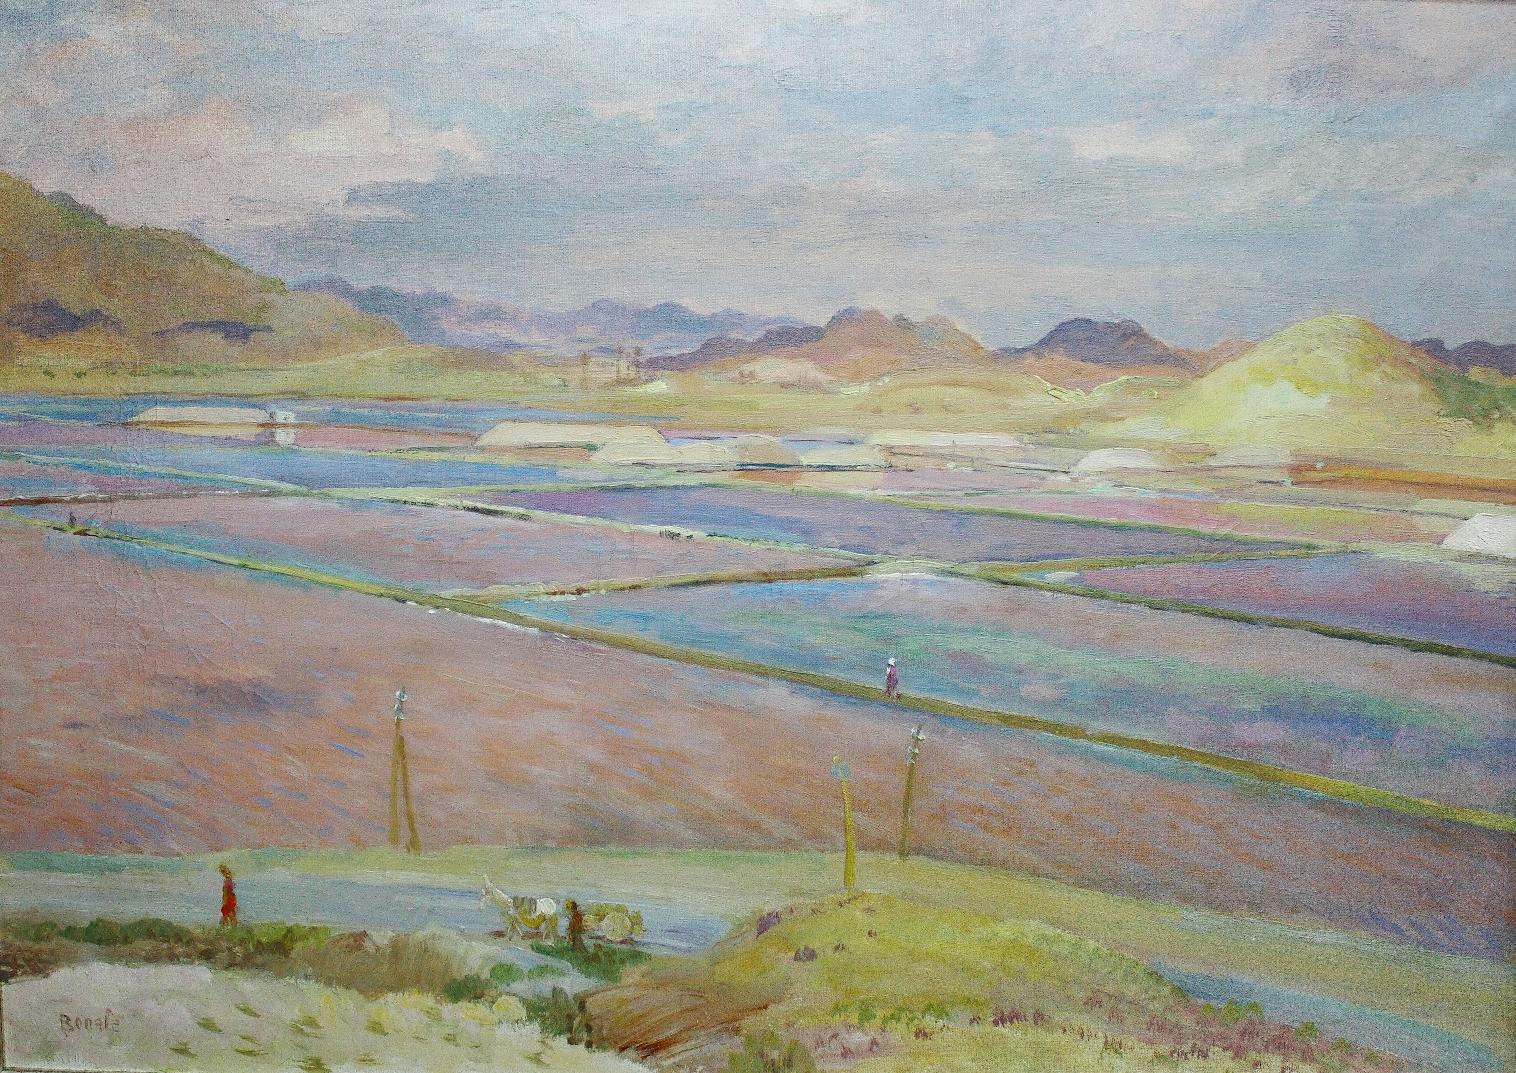 """UAN BONAFÉ (Lima, 1901 – Las Palmas de Gran Canaria, 1969) """"Salinas de Mazarrón"""" Óleo sobre lienzo."""